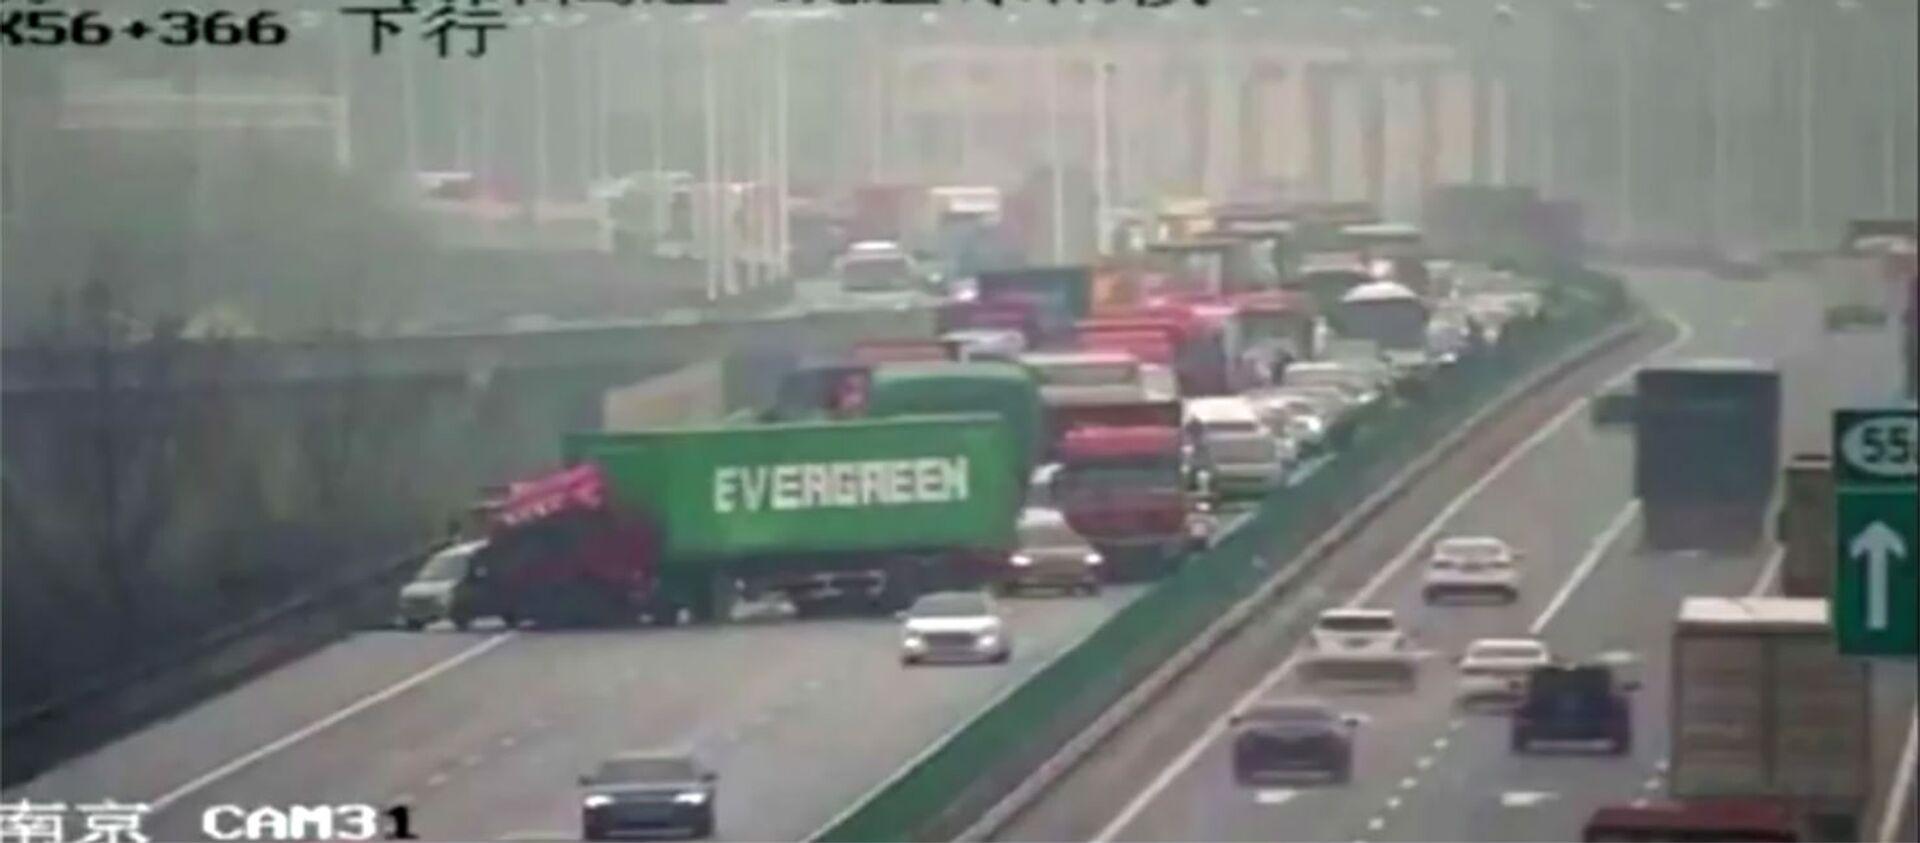 W Chinach ciężarówka z kontenerem firmy Evergreen zablokowała ruch na drodze. - Sputnik Polska, 1920, 28.03.2021